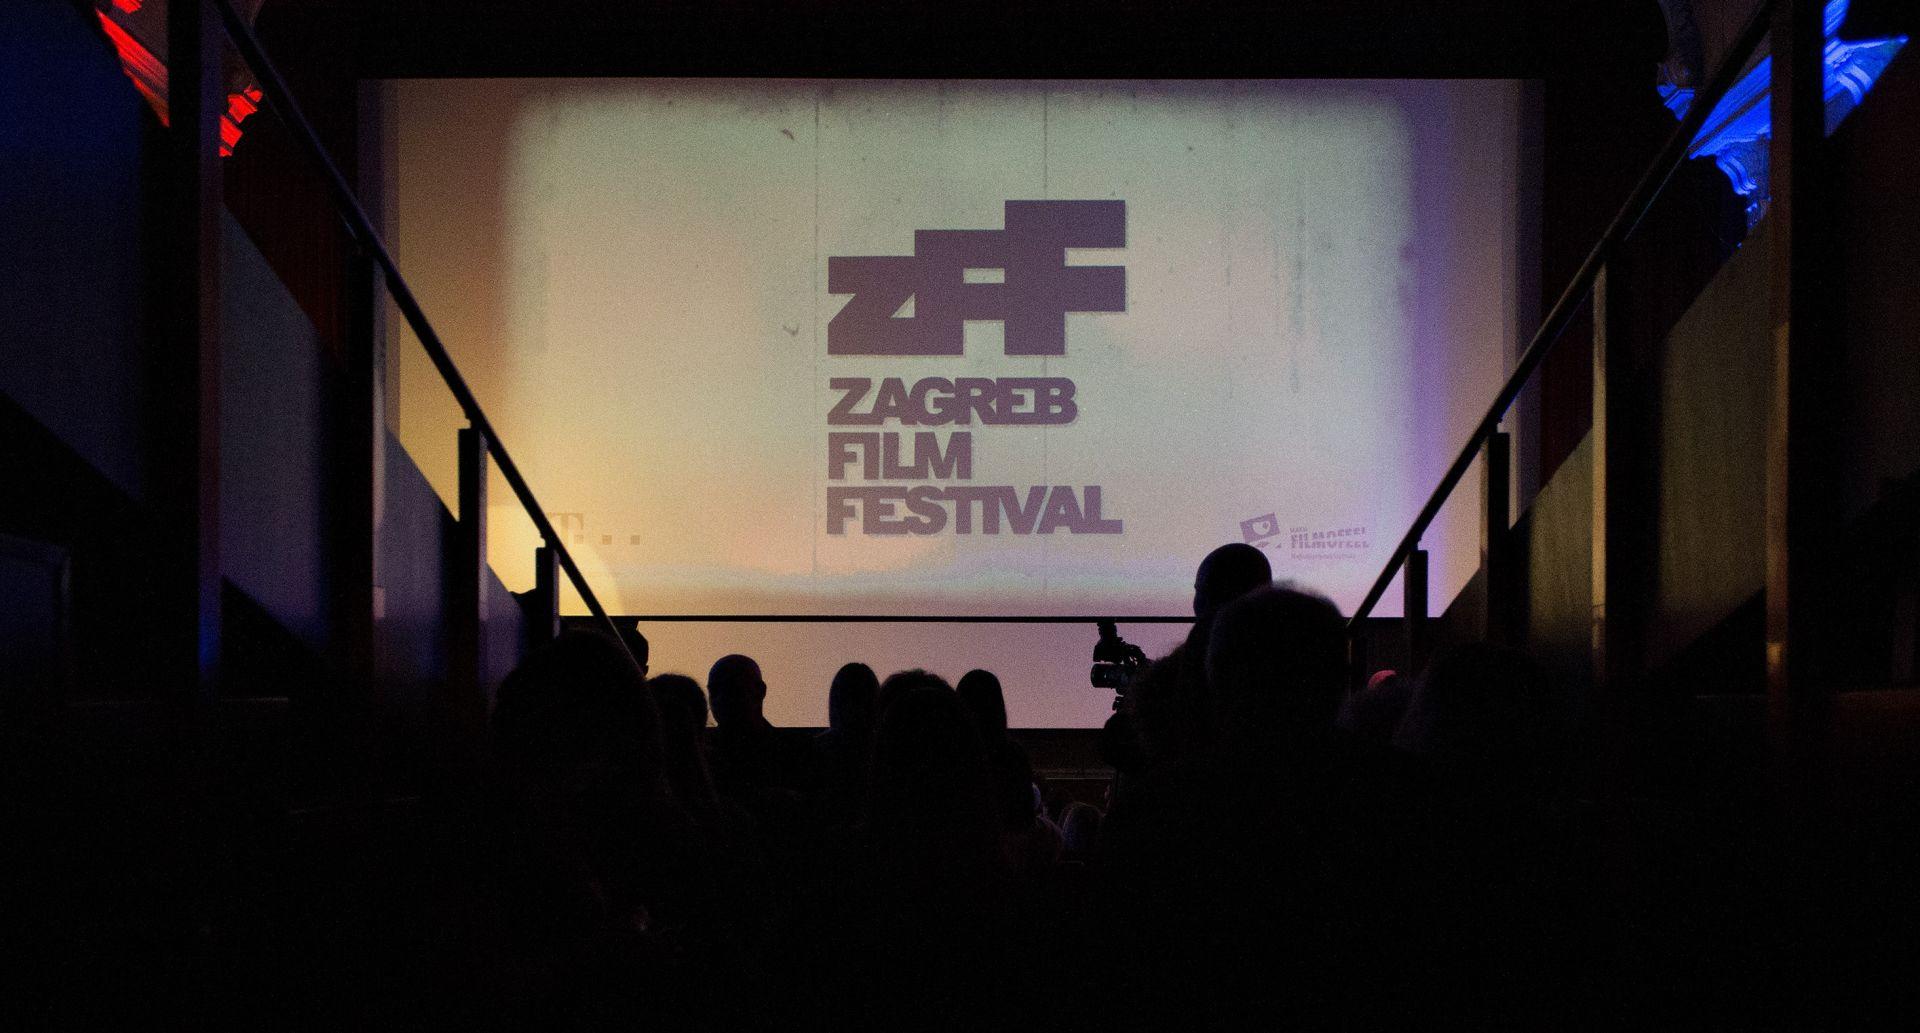 """ZAGREB FILM FESTIVAL Predstavljena knjiga """"FILMoteka"""" Marka Njegića"""